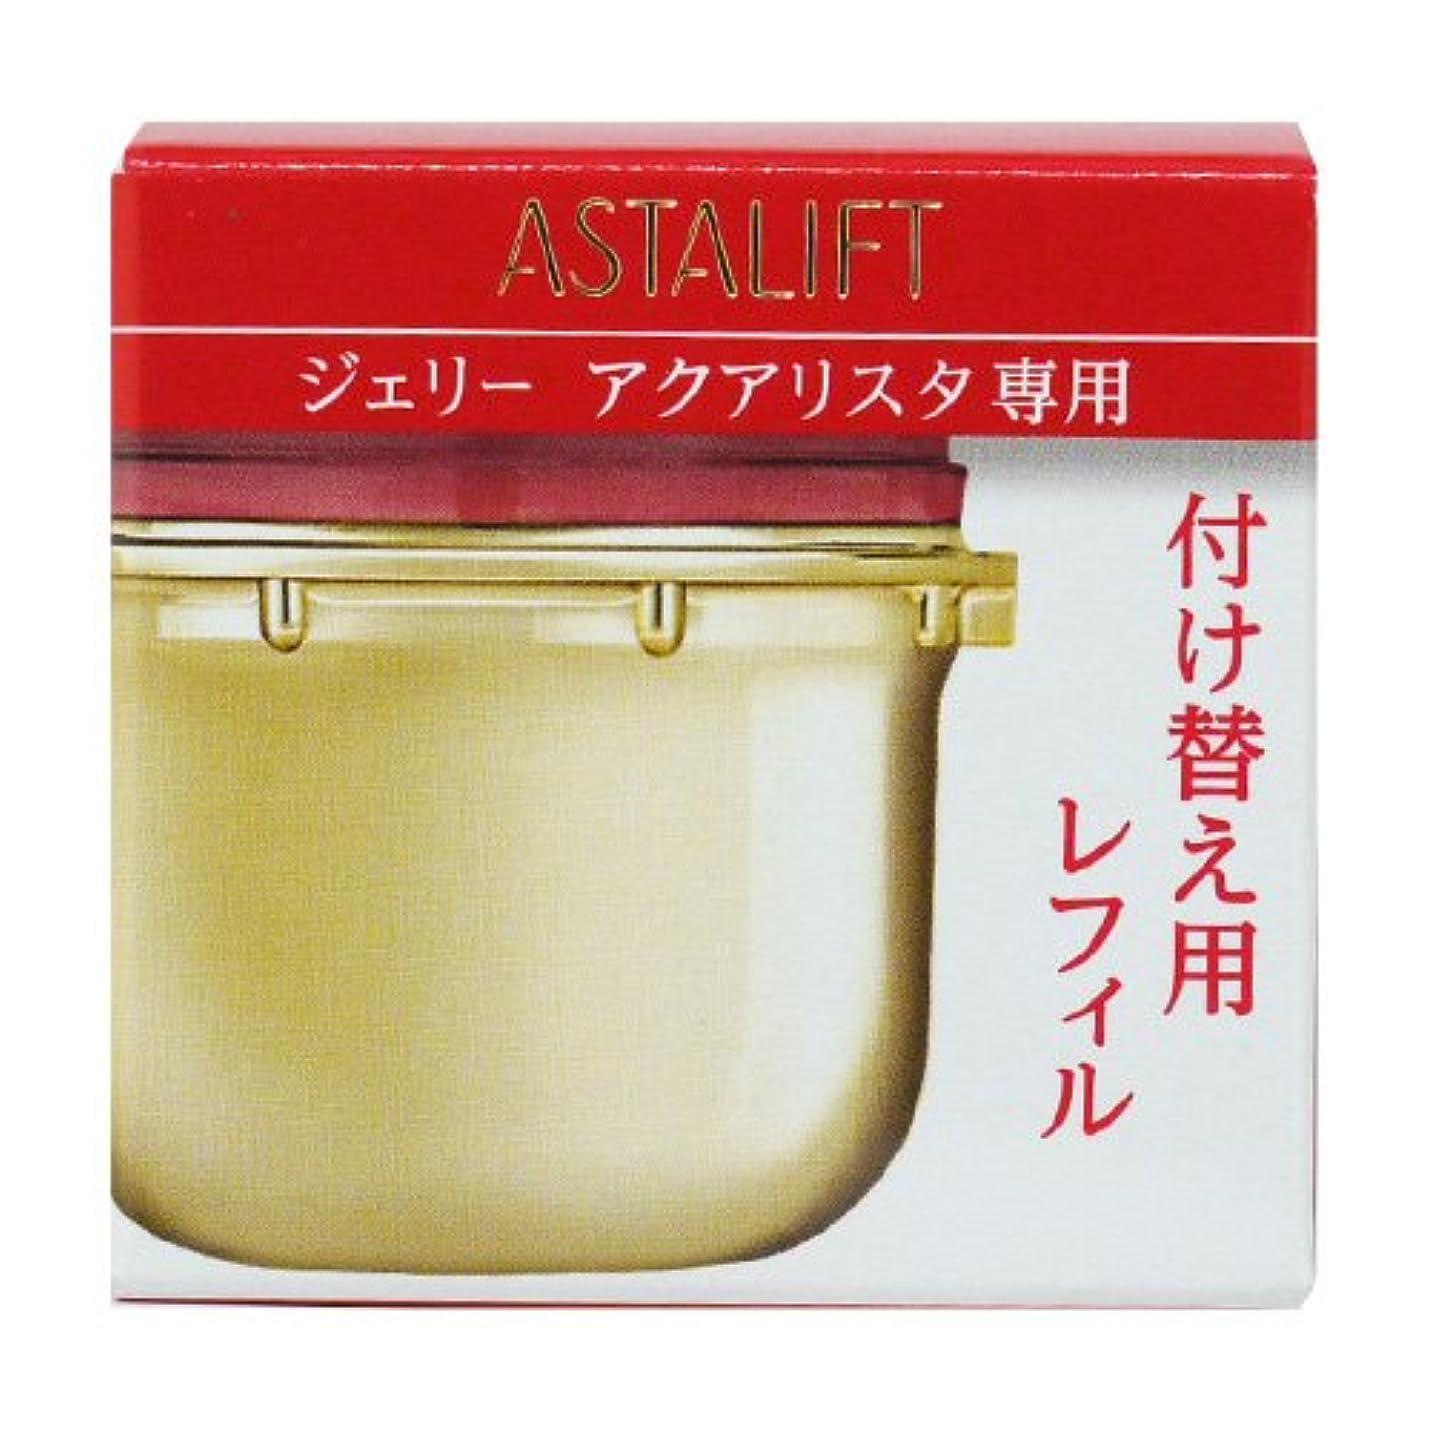 体系的に冷蔵庫強化フジフィルム アスタリフト ジェリーアクアリスタ 40g 【詰め替え用】